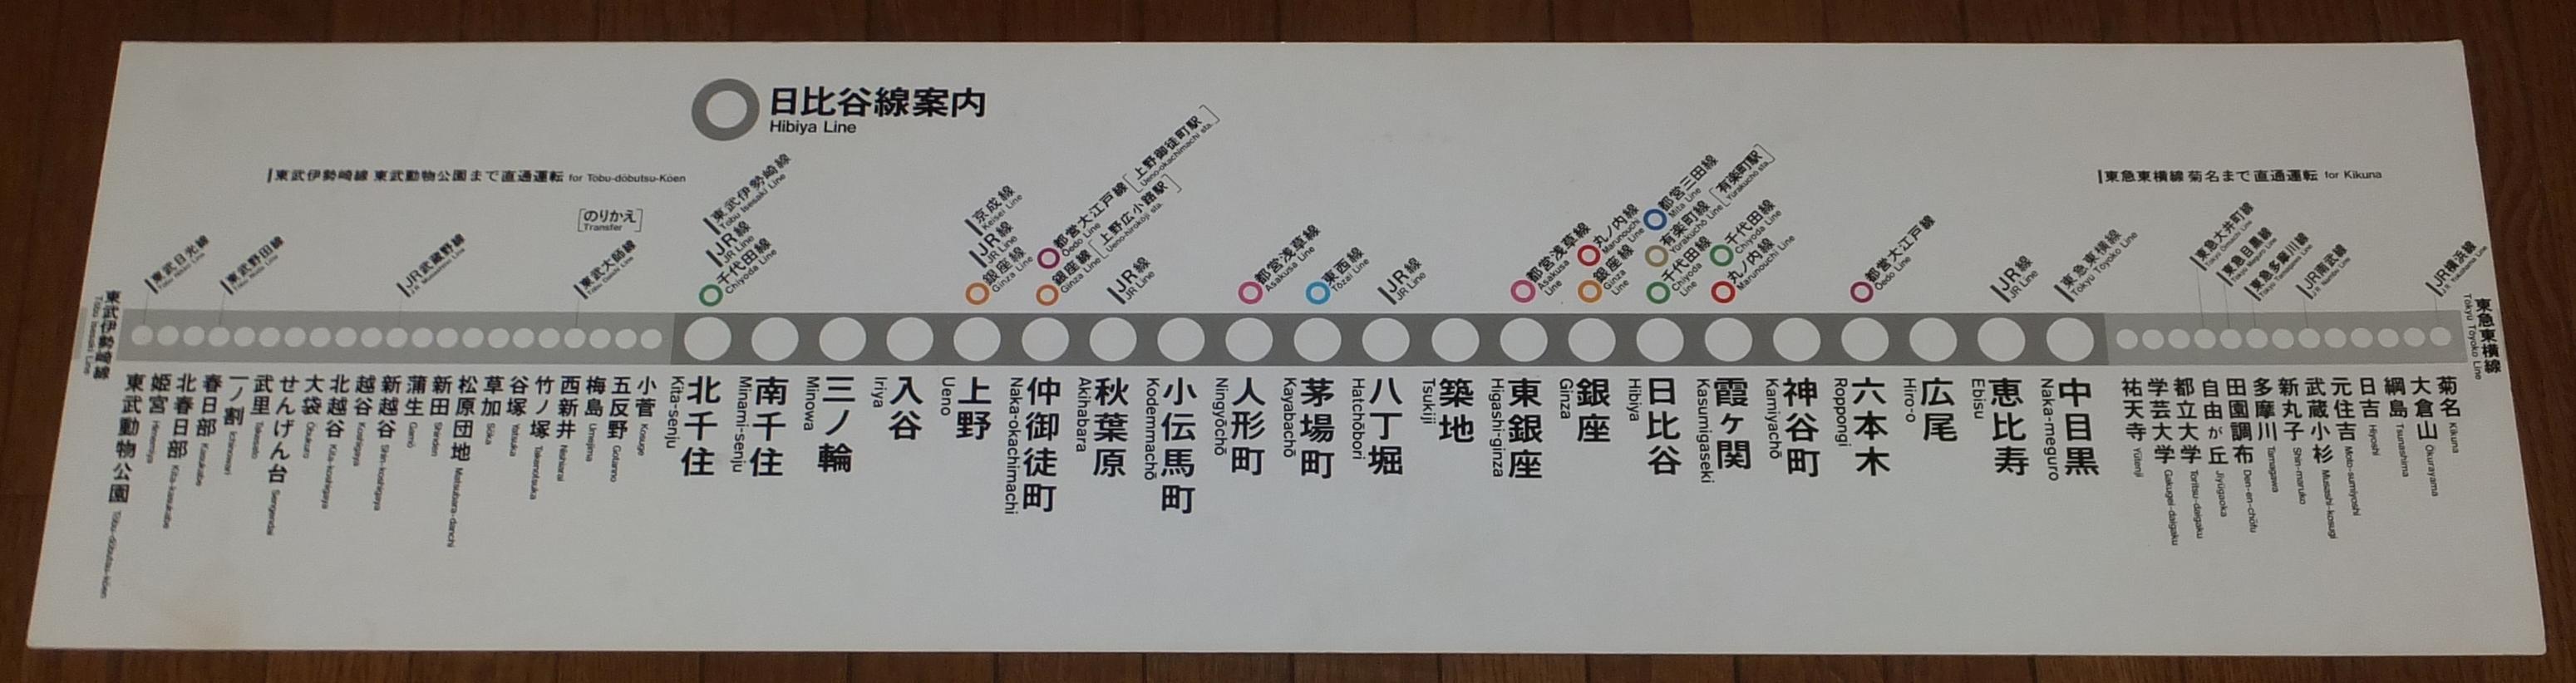 https://pds.exblog.jp/pds/1/201803/04/54/b0156054_21372467.jpg